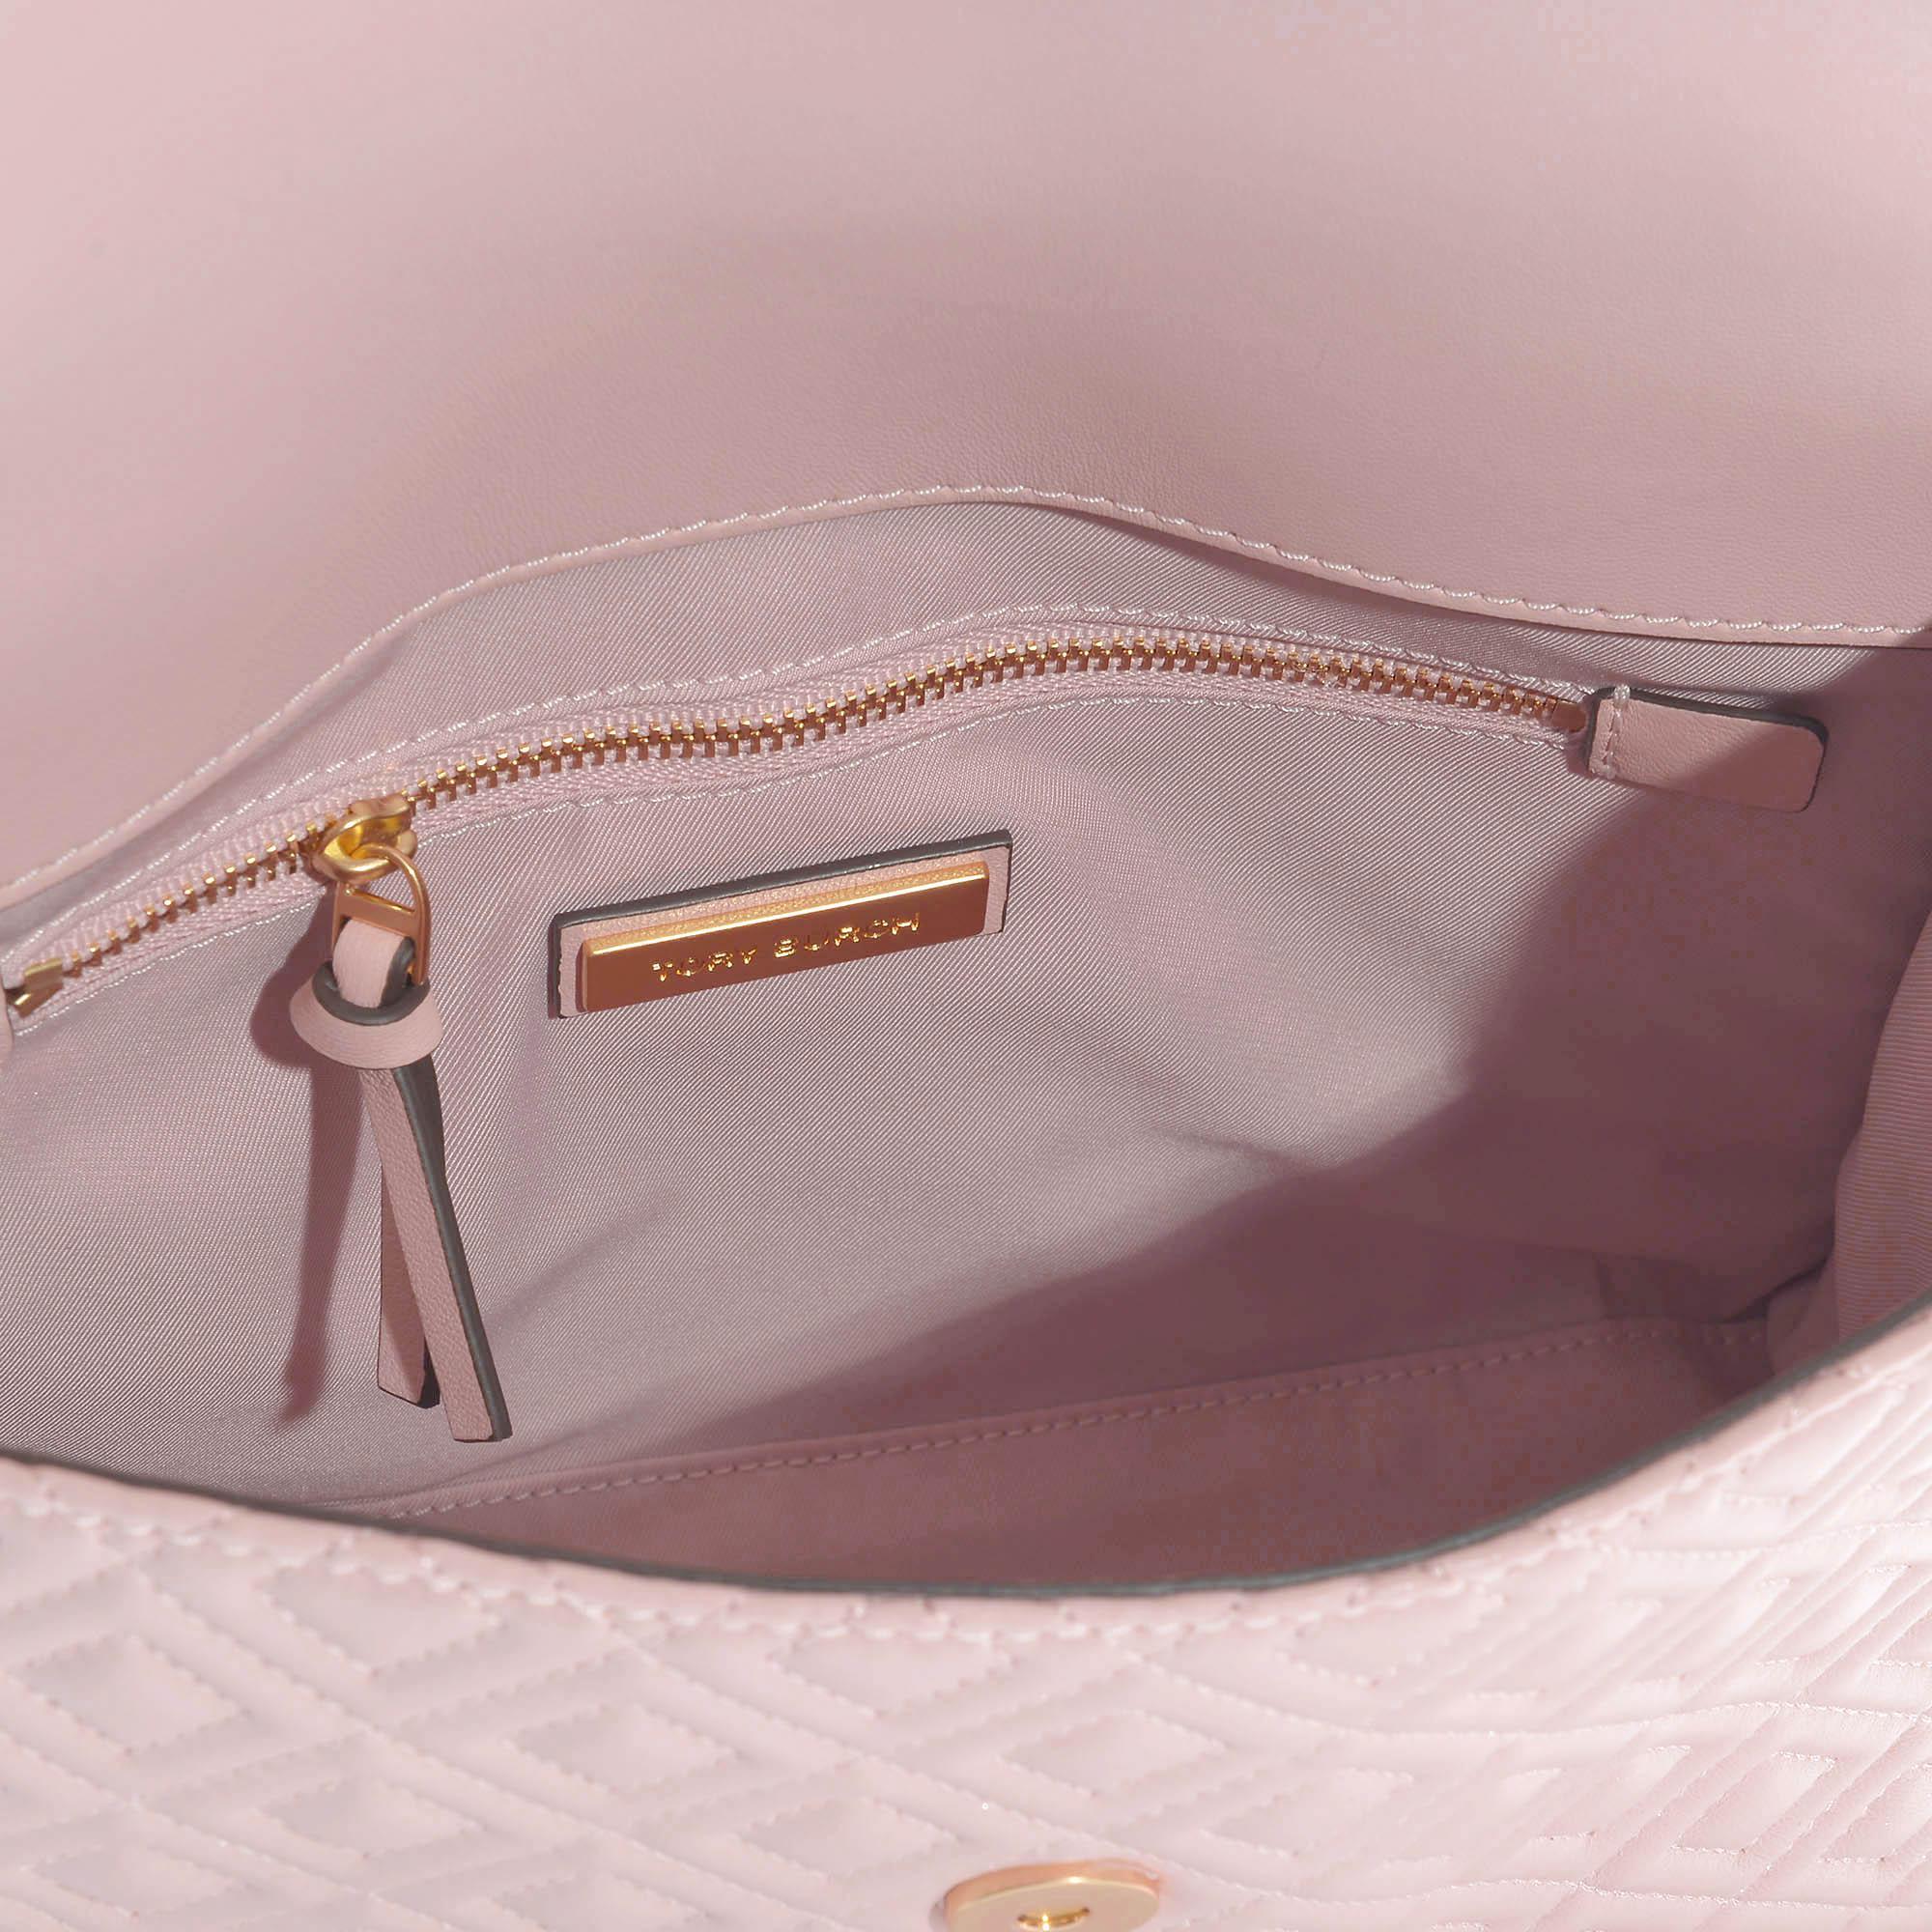 c8736a43902a Tory Burch - Fleming Convertible Shoulder Bag In Shell Pink Calfskin -  Lyst. View fullscreen